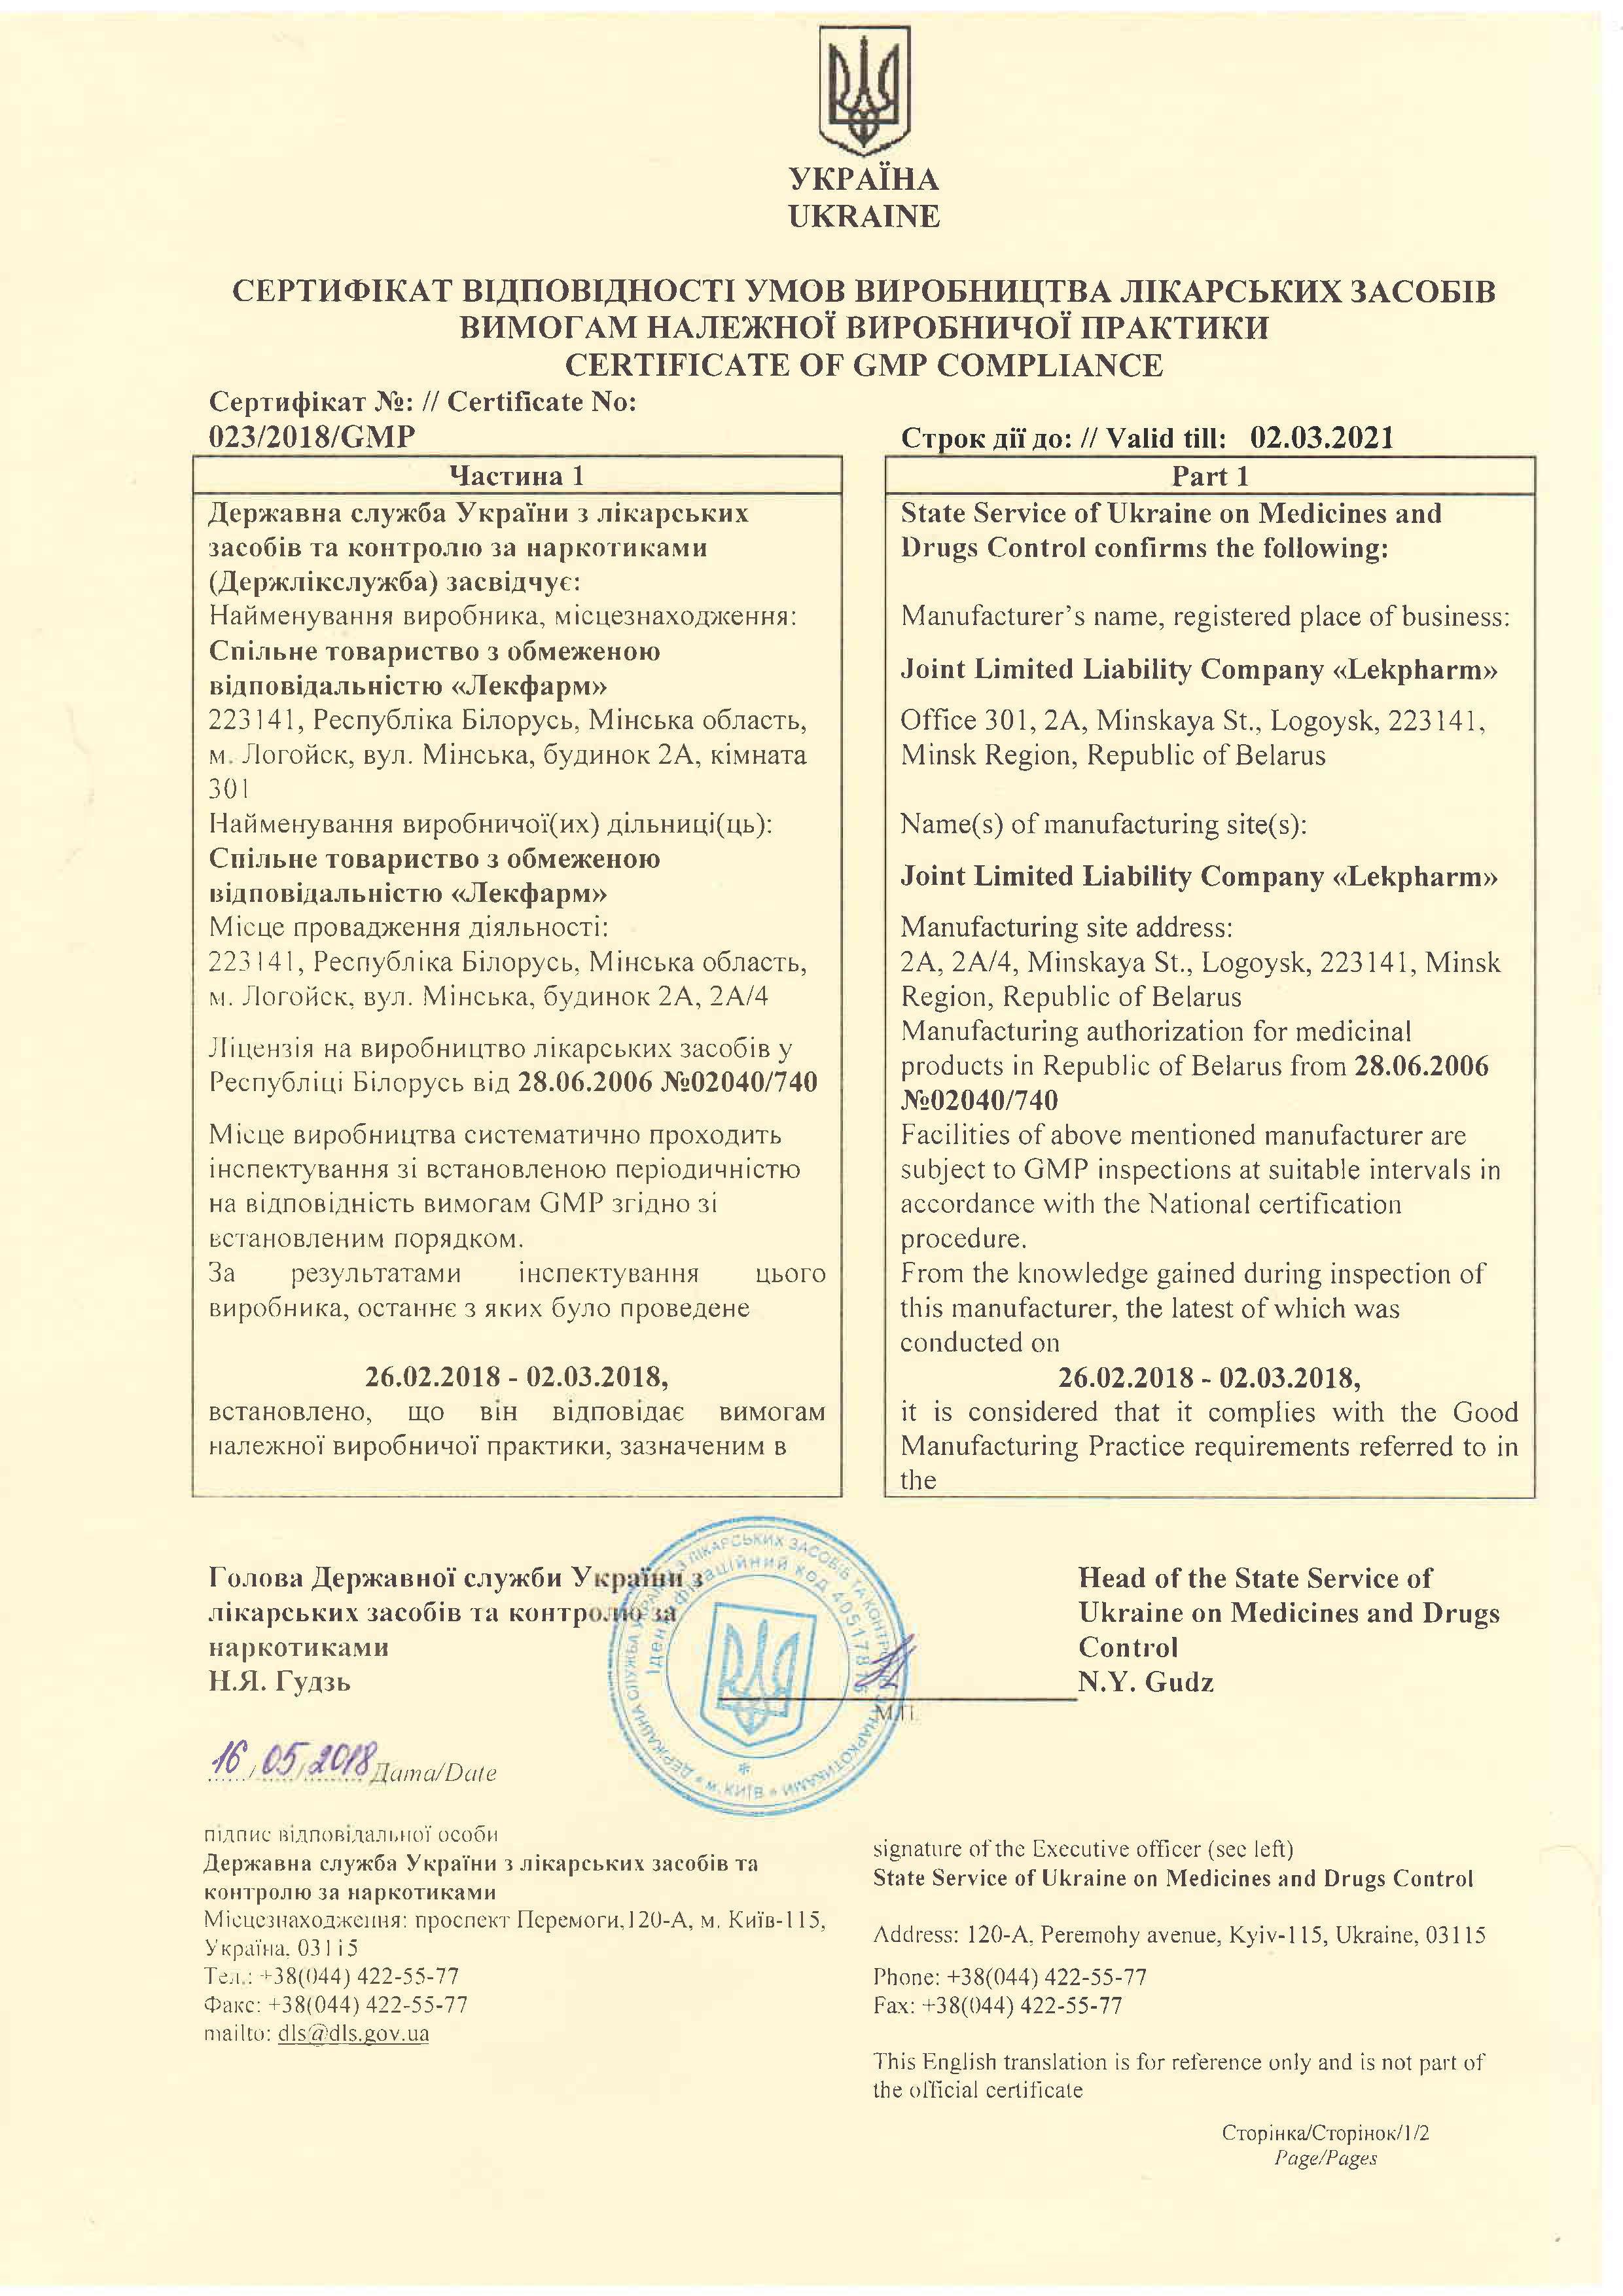 Obtaining Gmp Certificate Lekpharm